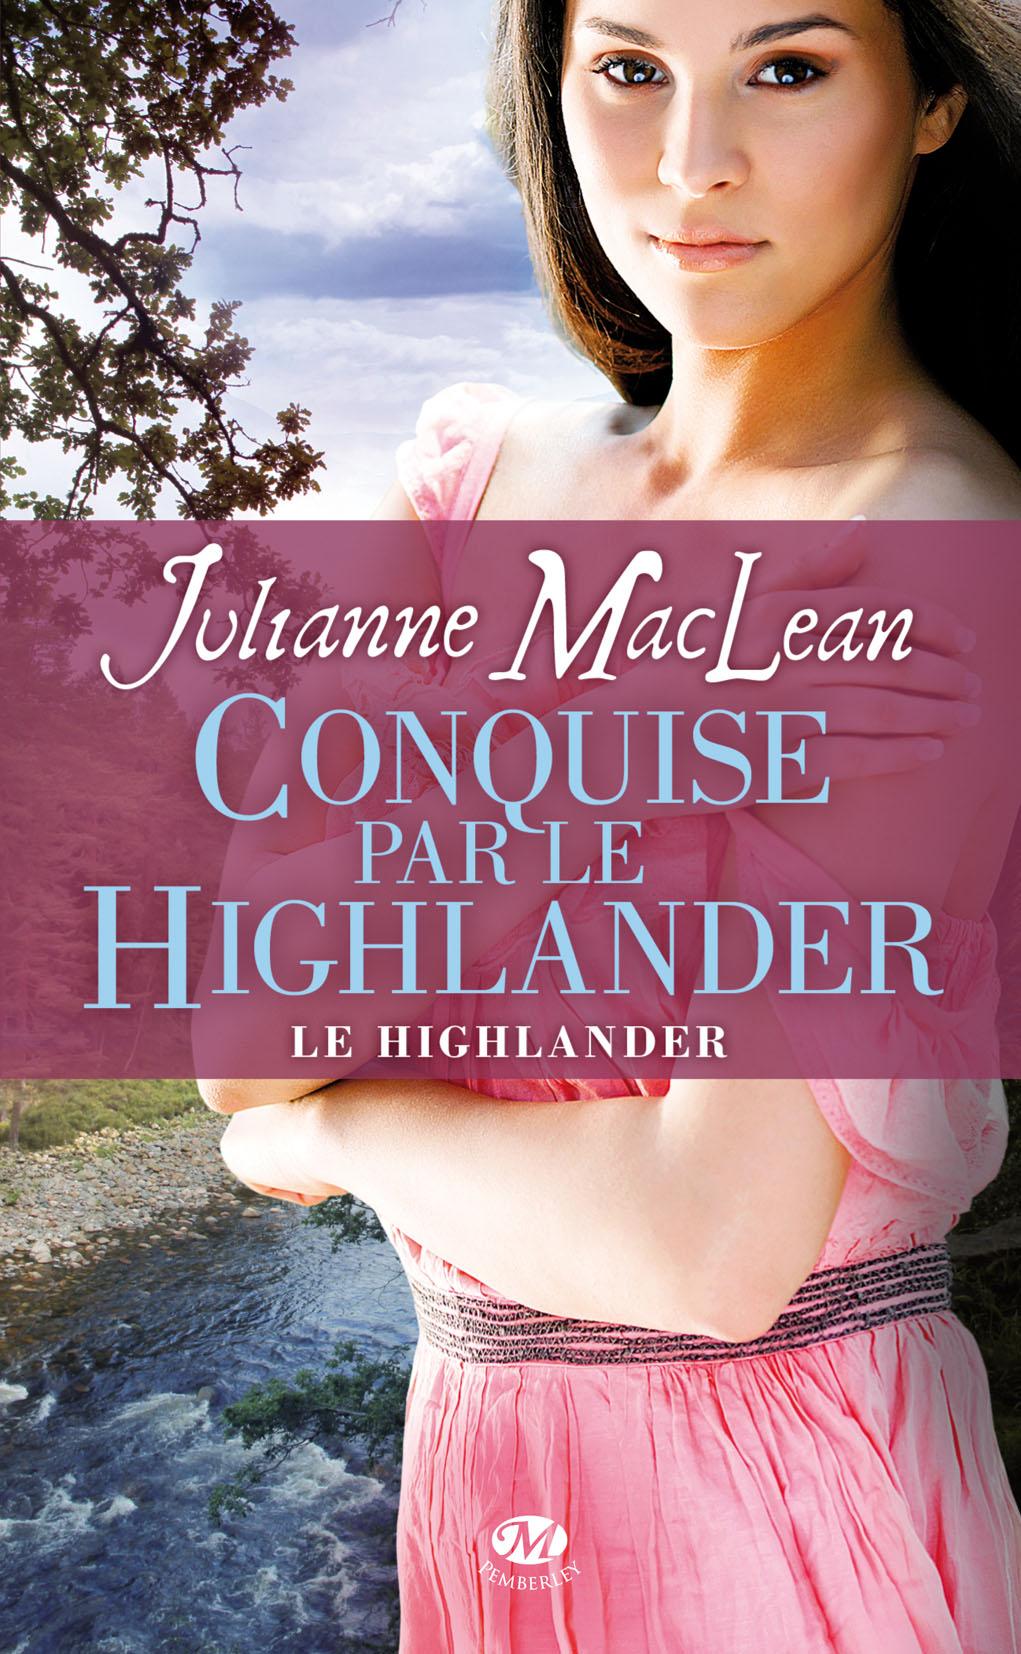 http://ressources.bragelonne.fr/img/livres/2012-11/1211-highlander2_org.jpg